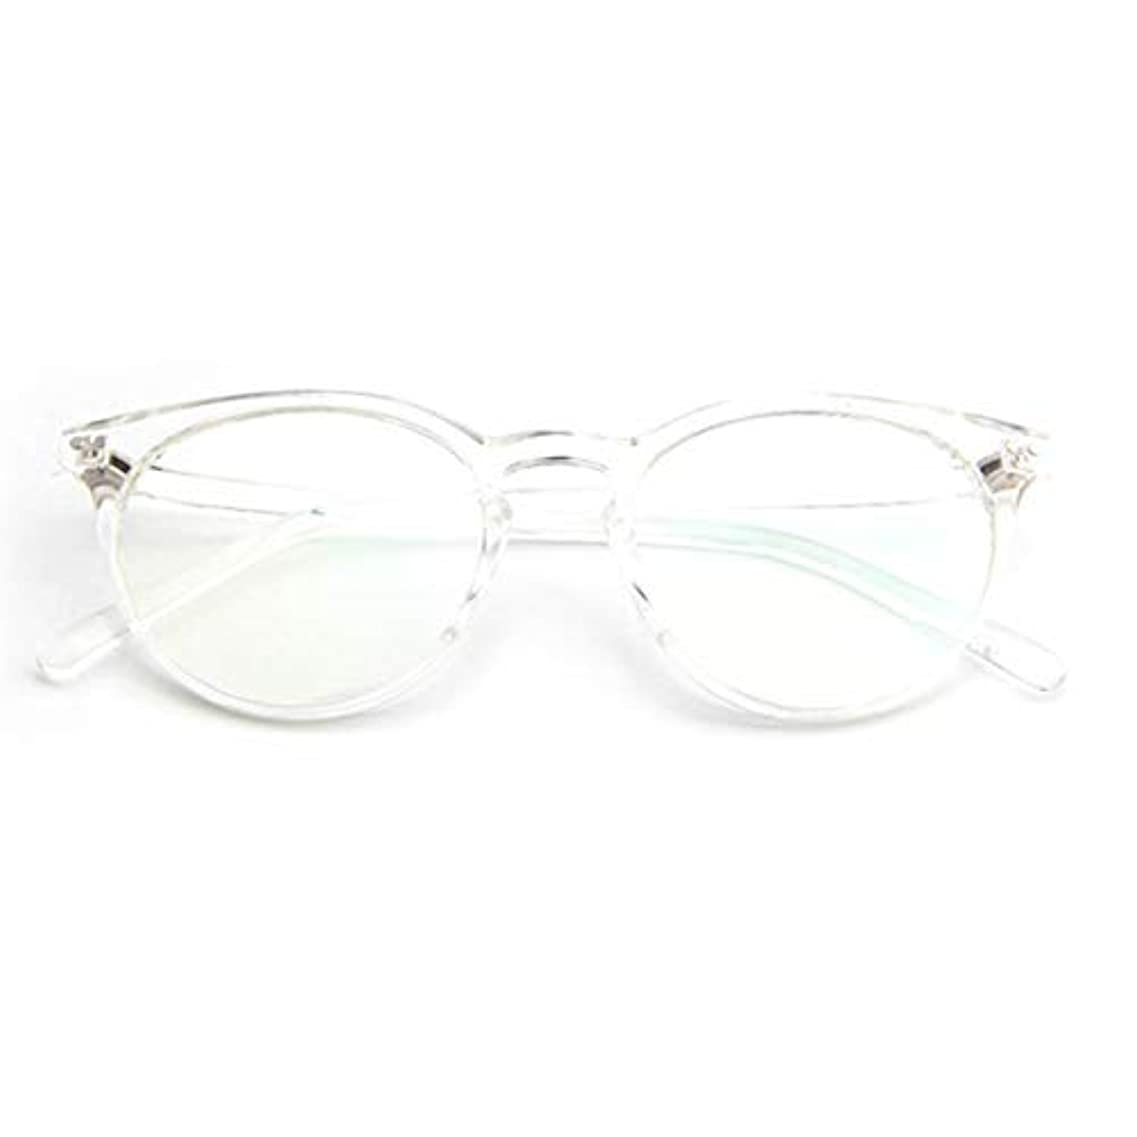 コンプライアンスほこり発生器小さな新鮮な米ネイルフレームレンズレトロ古風な円形フレームファッションフレーム男性用近視眼鏡女性-透明な白